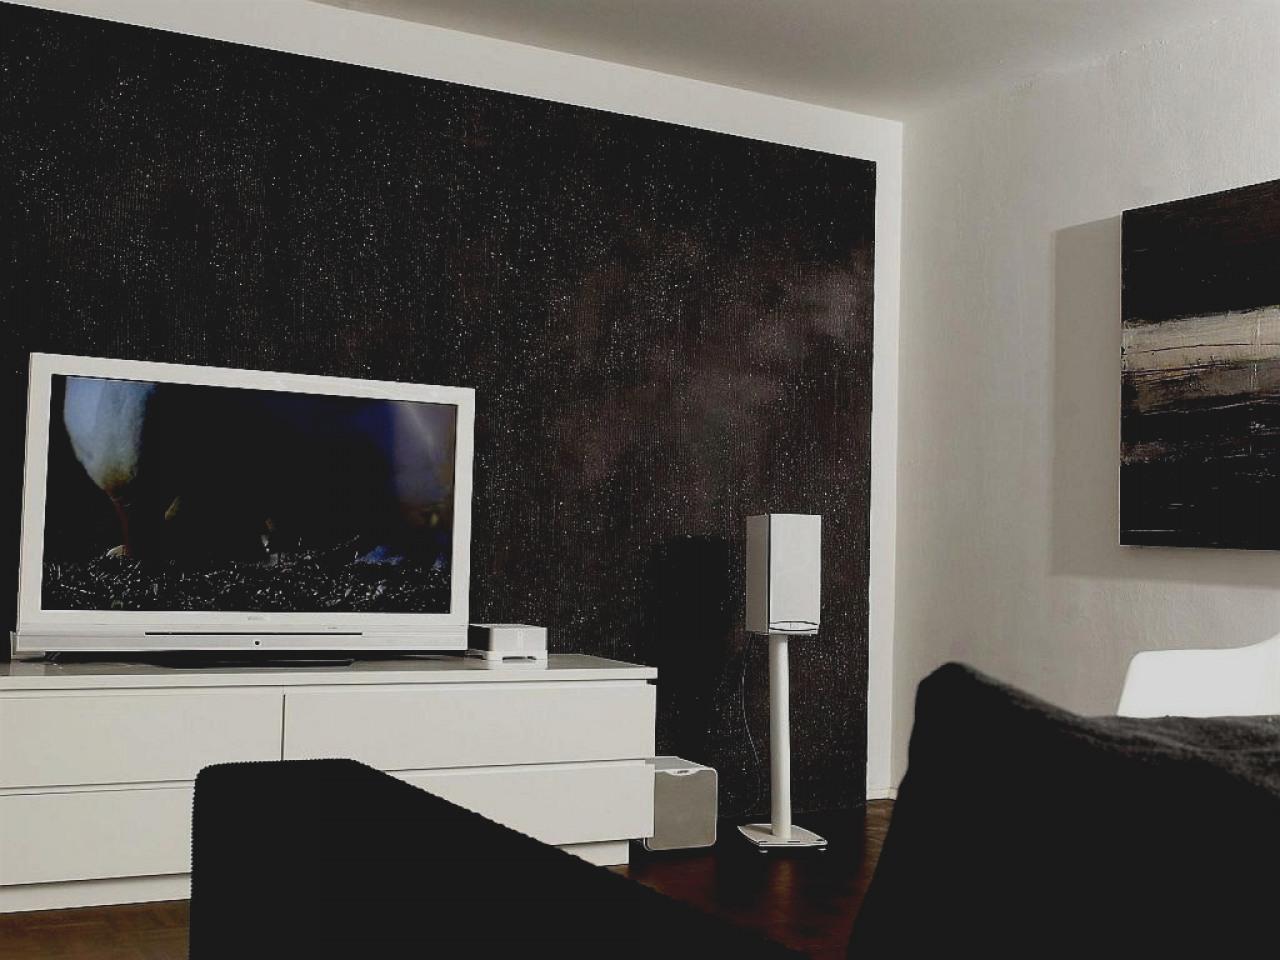 wandfarben ideen streifen mit wanddesign streifen ideen tolle fuer wand schwarz weiss quer 52 und wanddesign streifen ideen elegant beautiful wanddesigns 2015 5 cool home design erstaunlich 1024 x 768